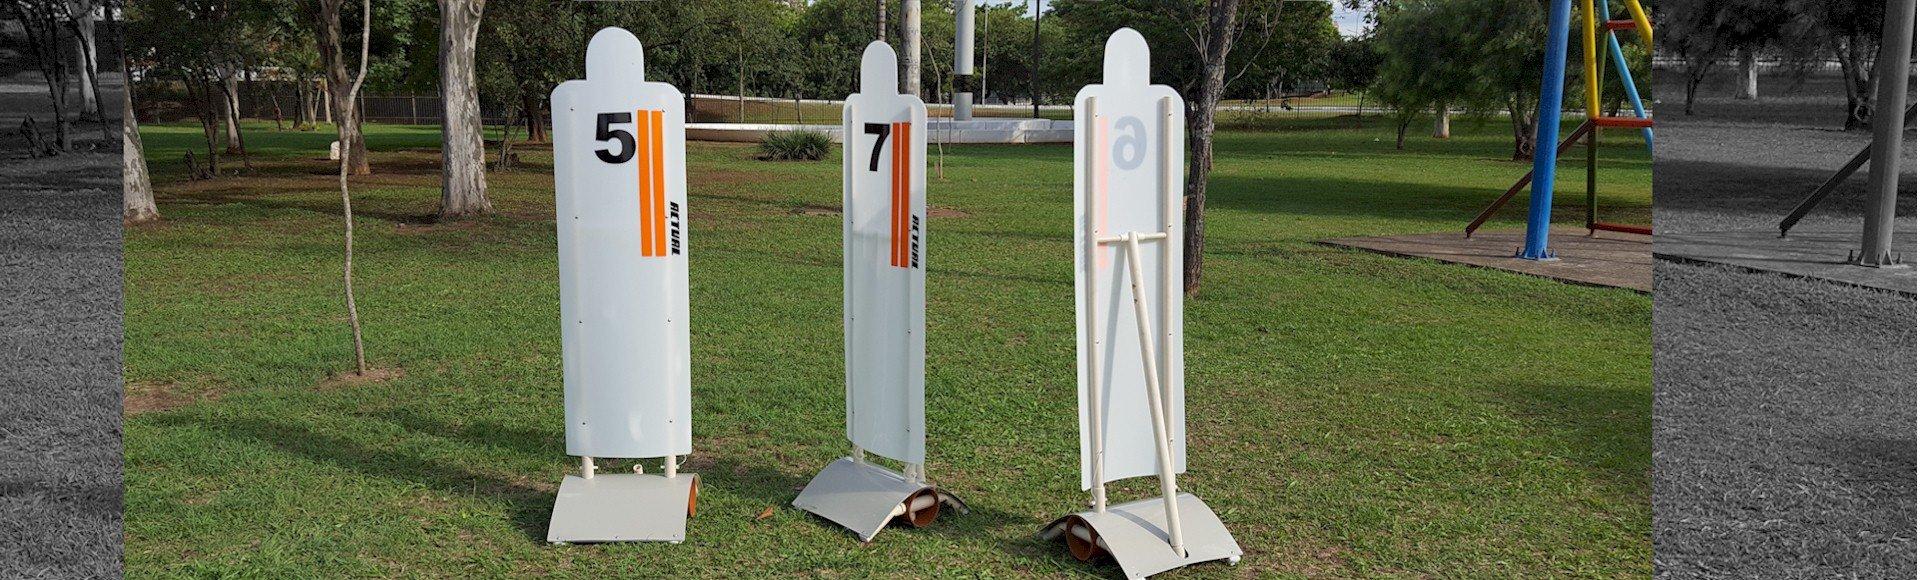 boneco de barreira para treinamento de campo e quadra. Barreira de faltas e treino tático.